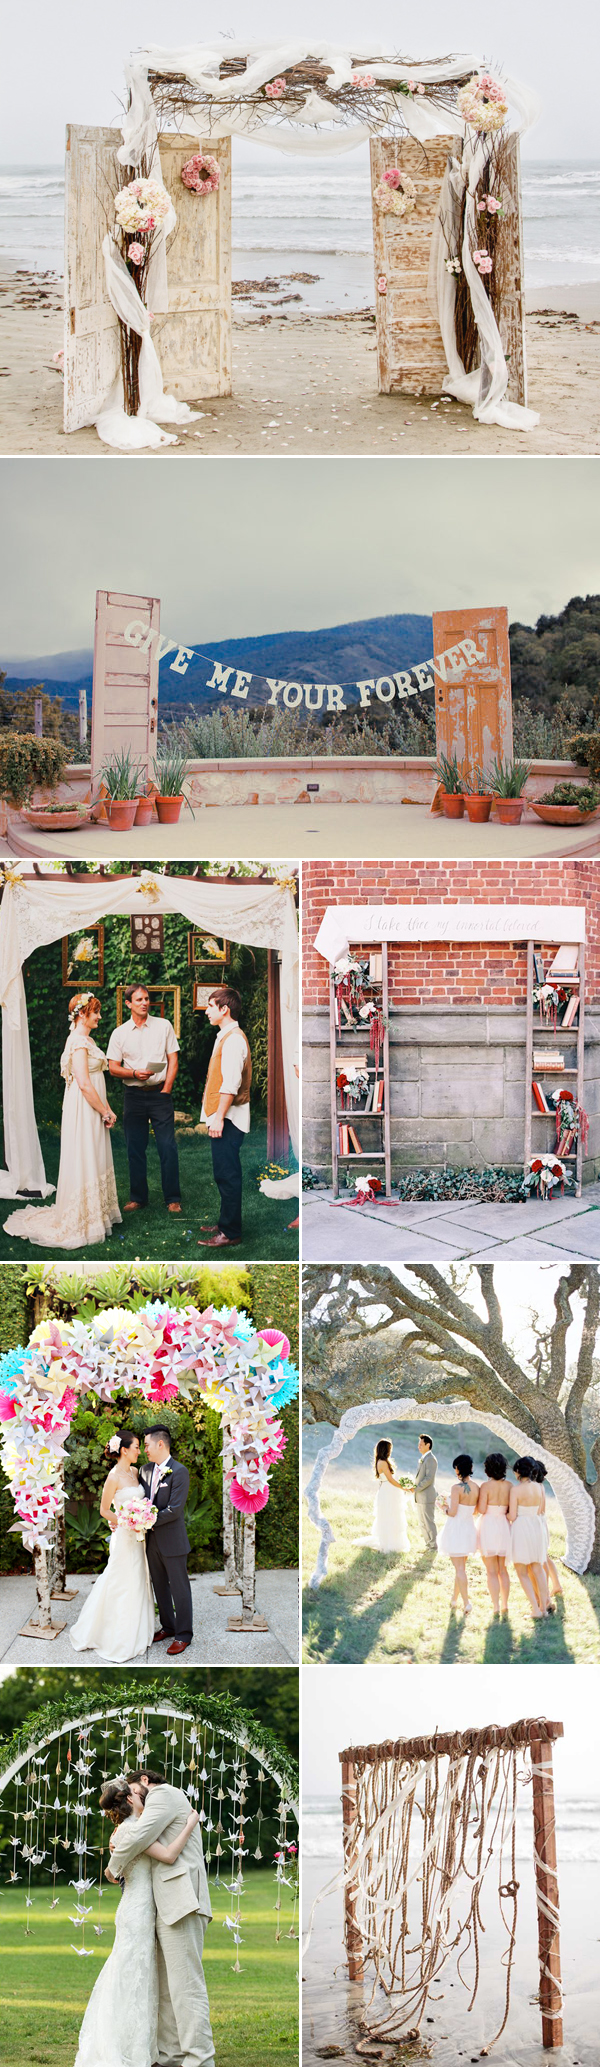 creative and unique wedding arch decor